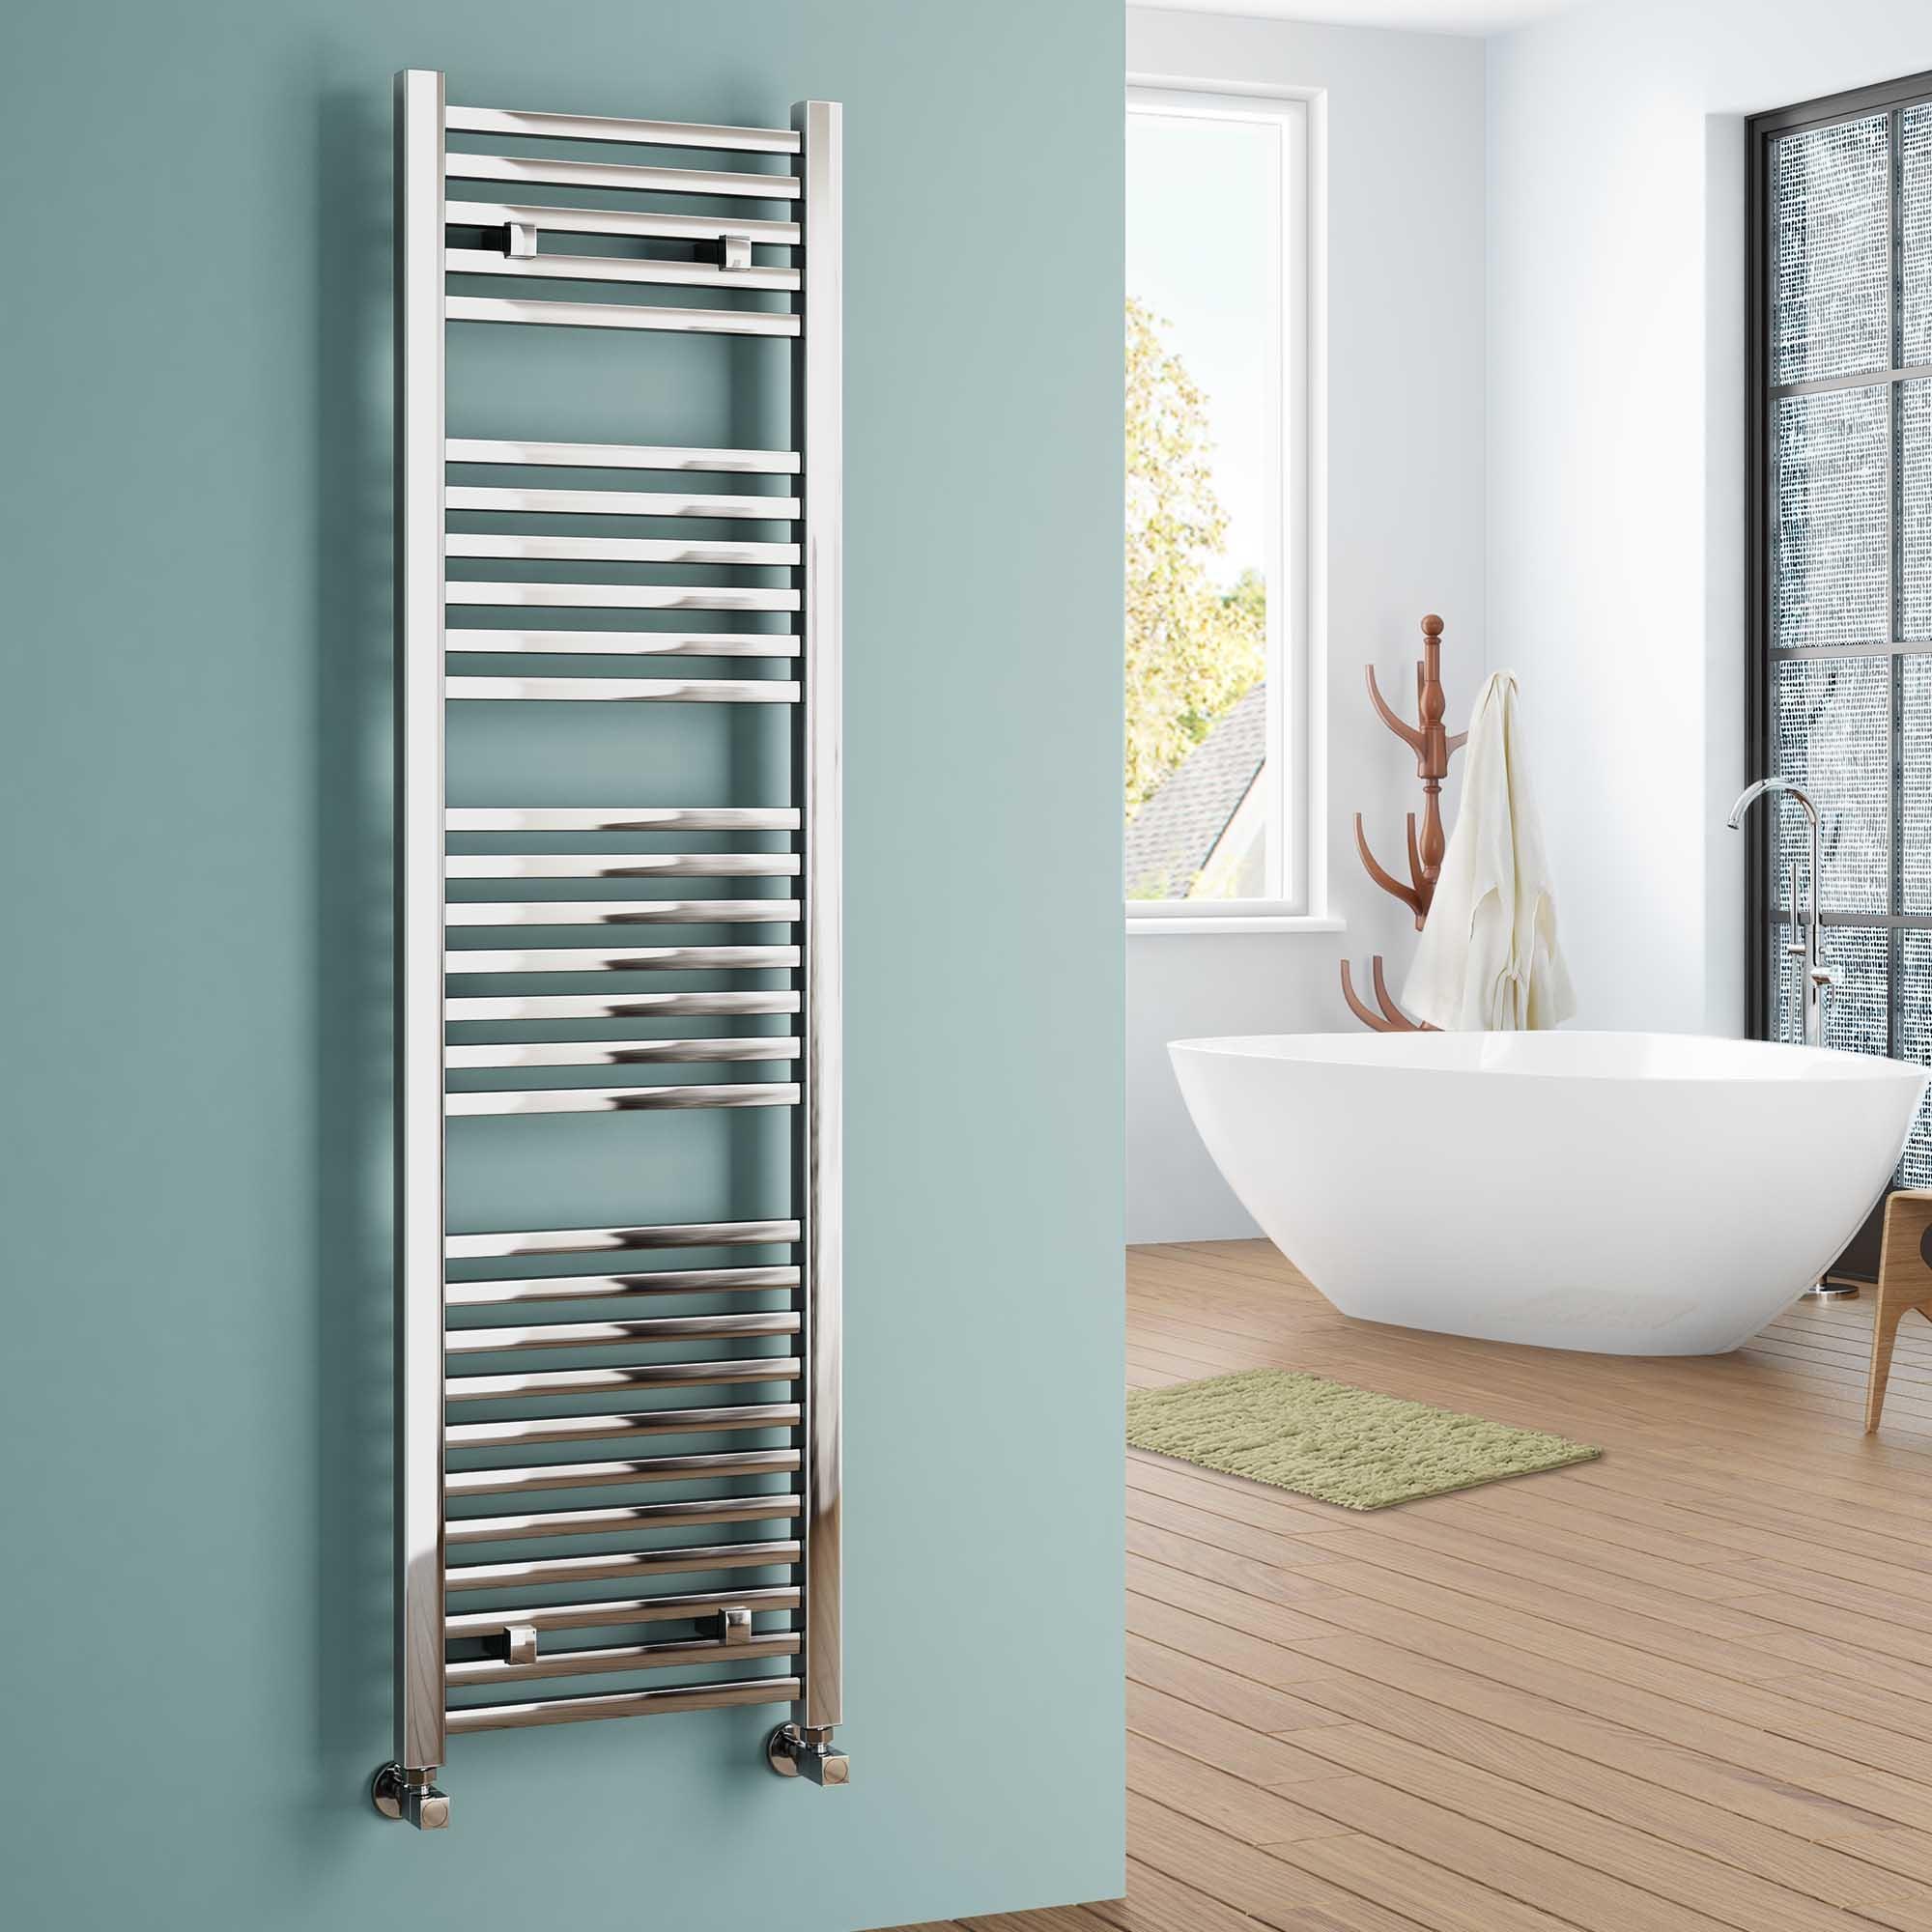 Radiatori da arredo bagno riscaldamento per la casa for Arredo bagno elettrico